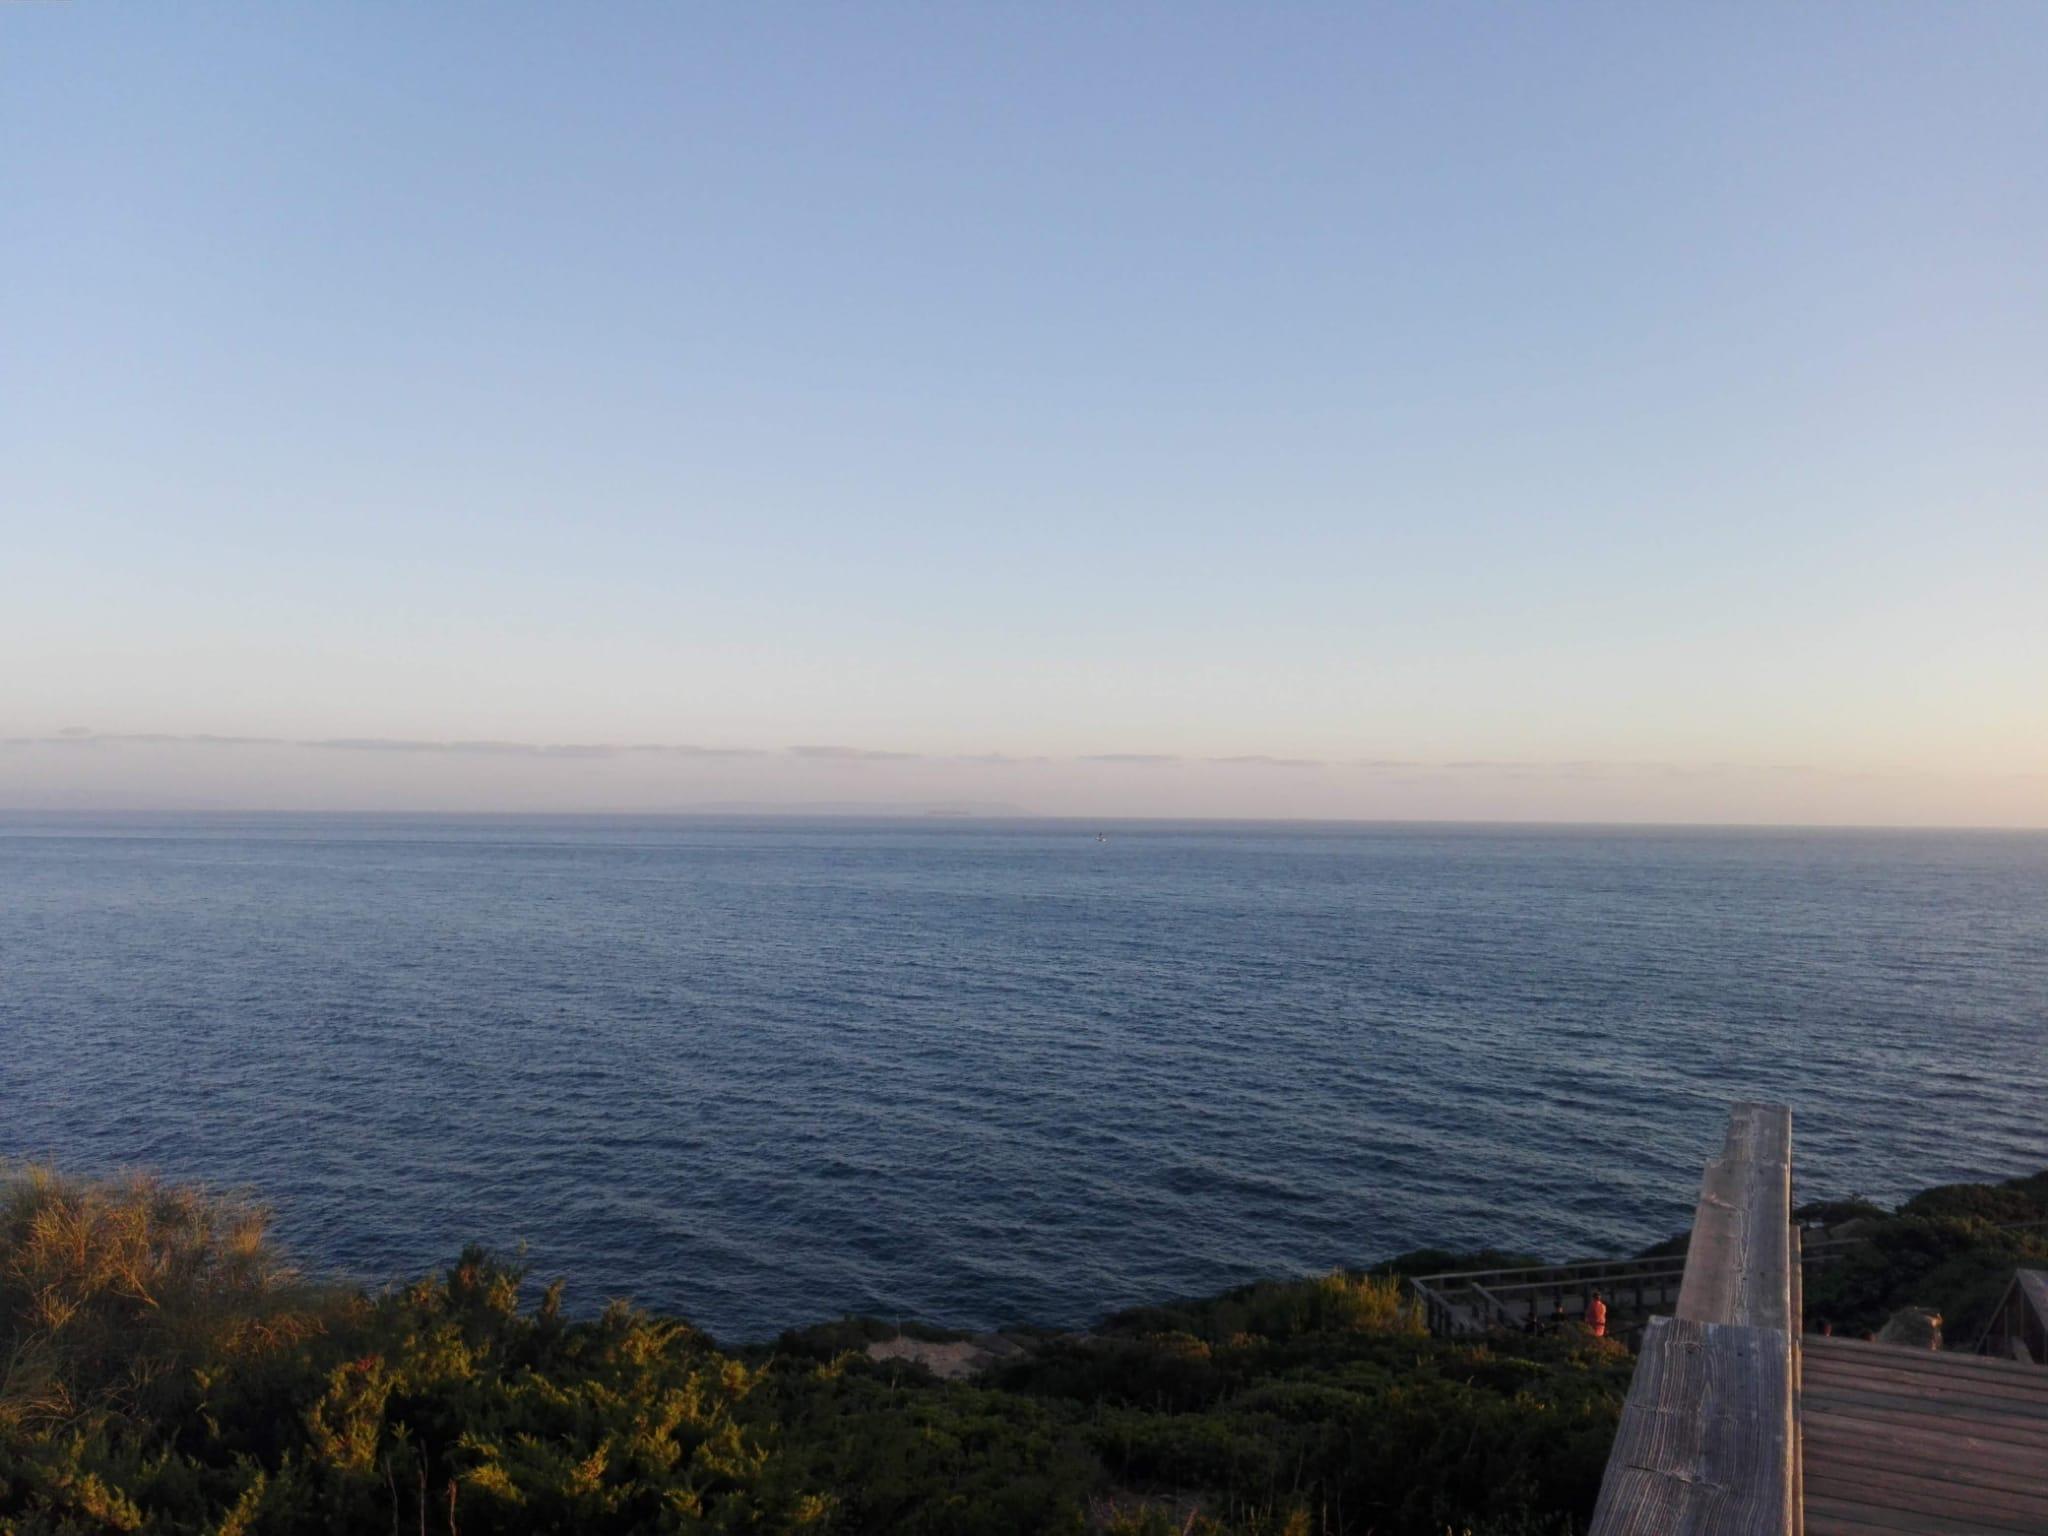 Mirador del Faro de Camarinal